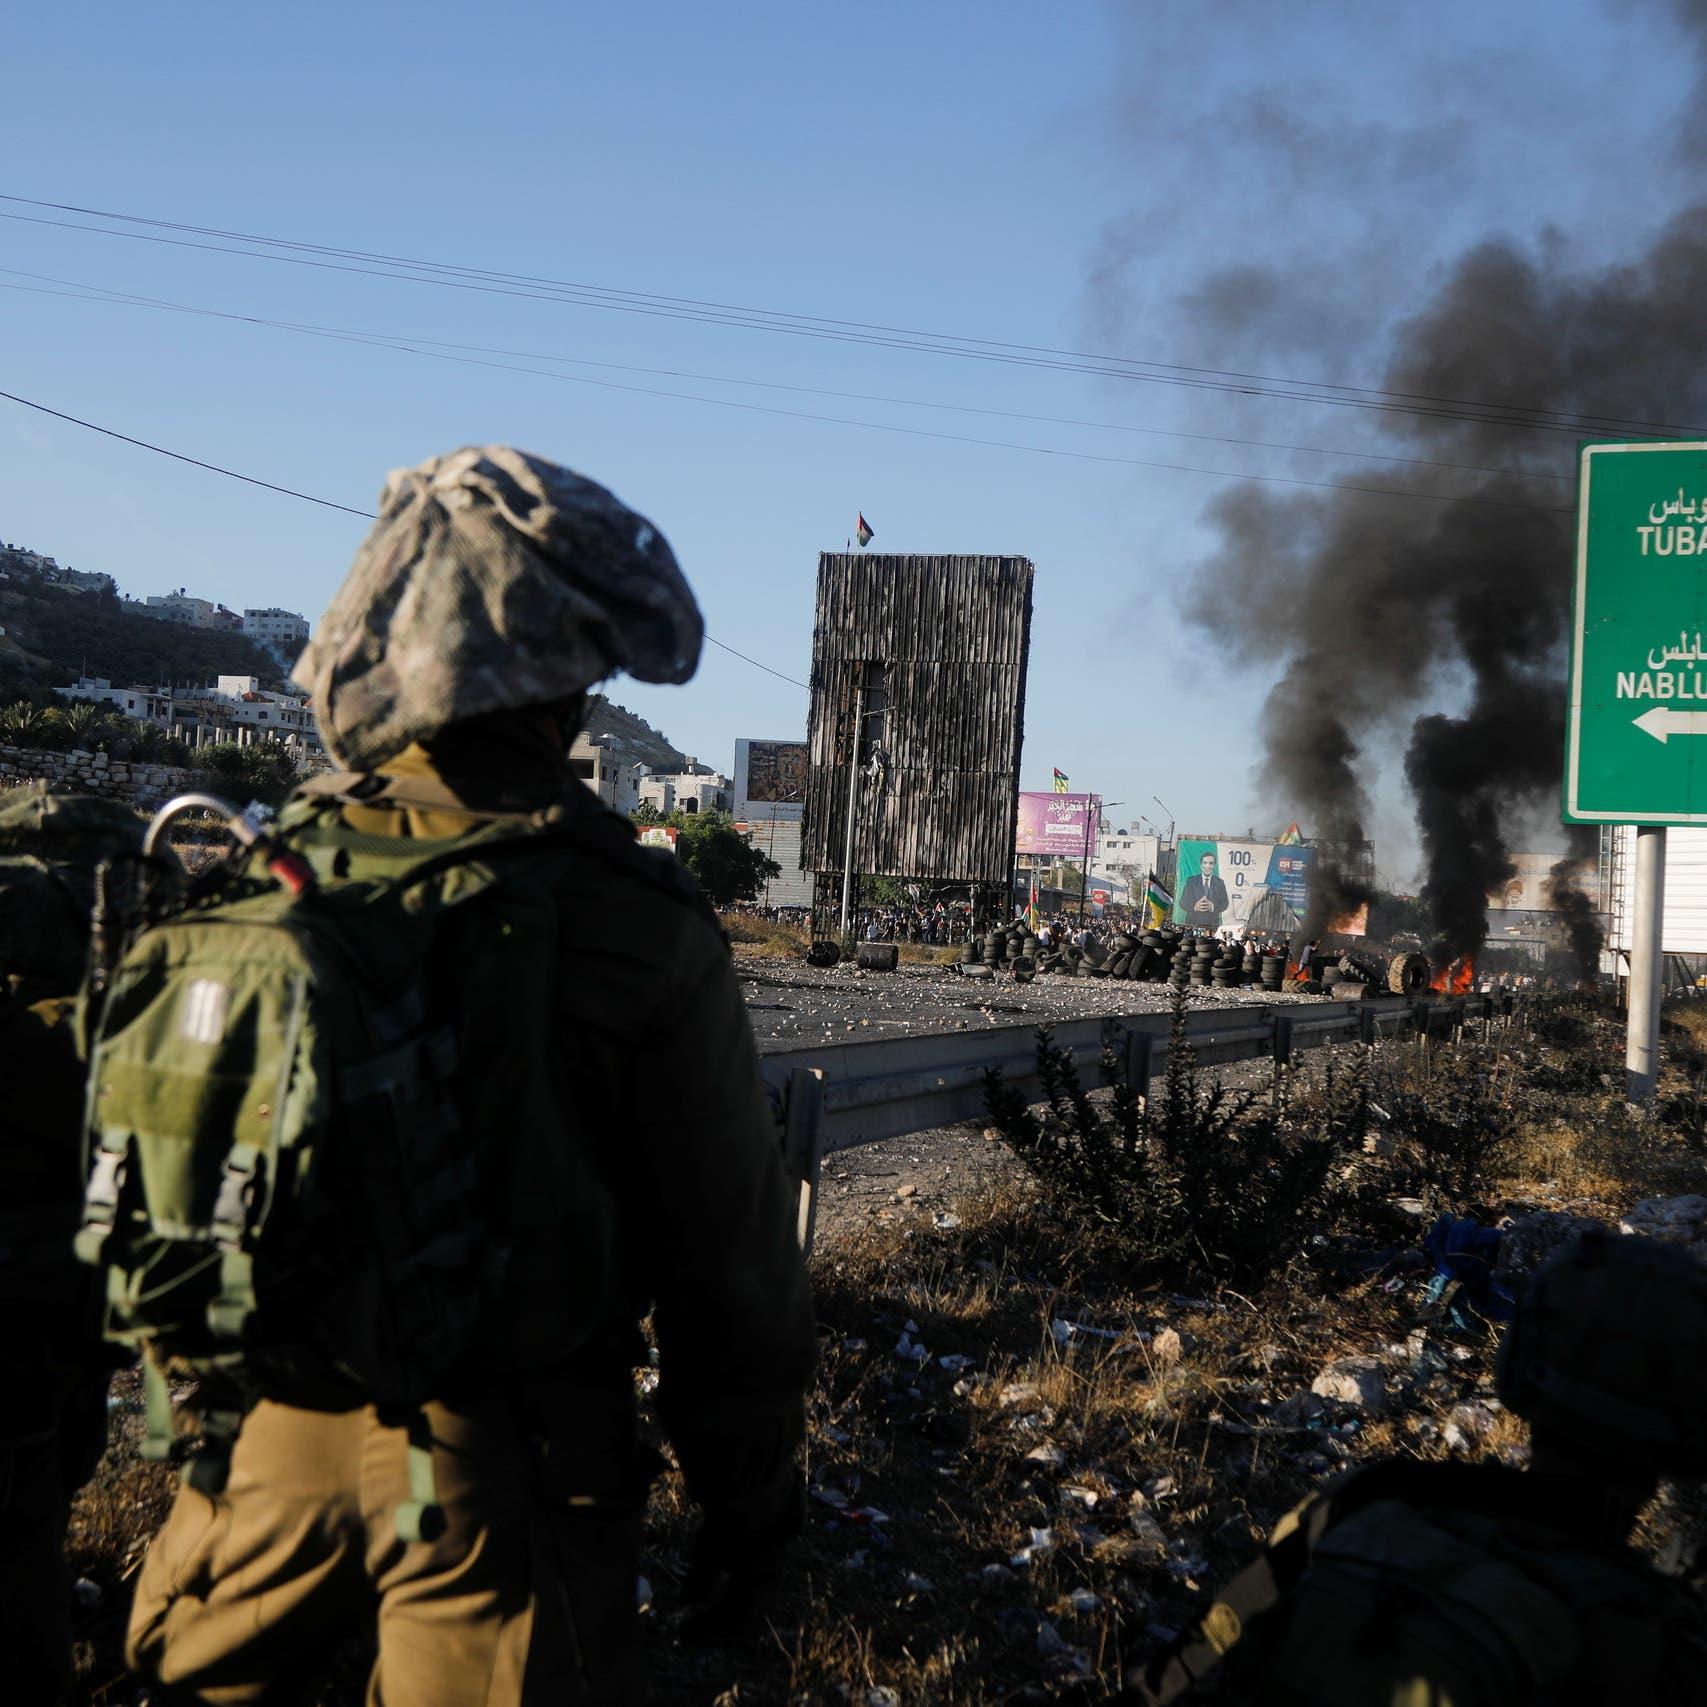 فيديو.. مقتل فلسطينية في الضفة برصاص إسرائيلي